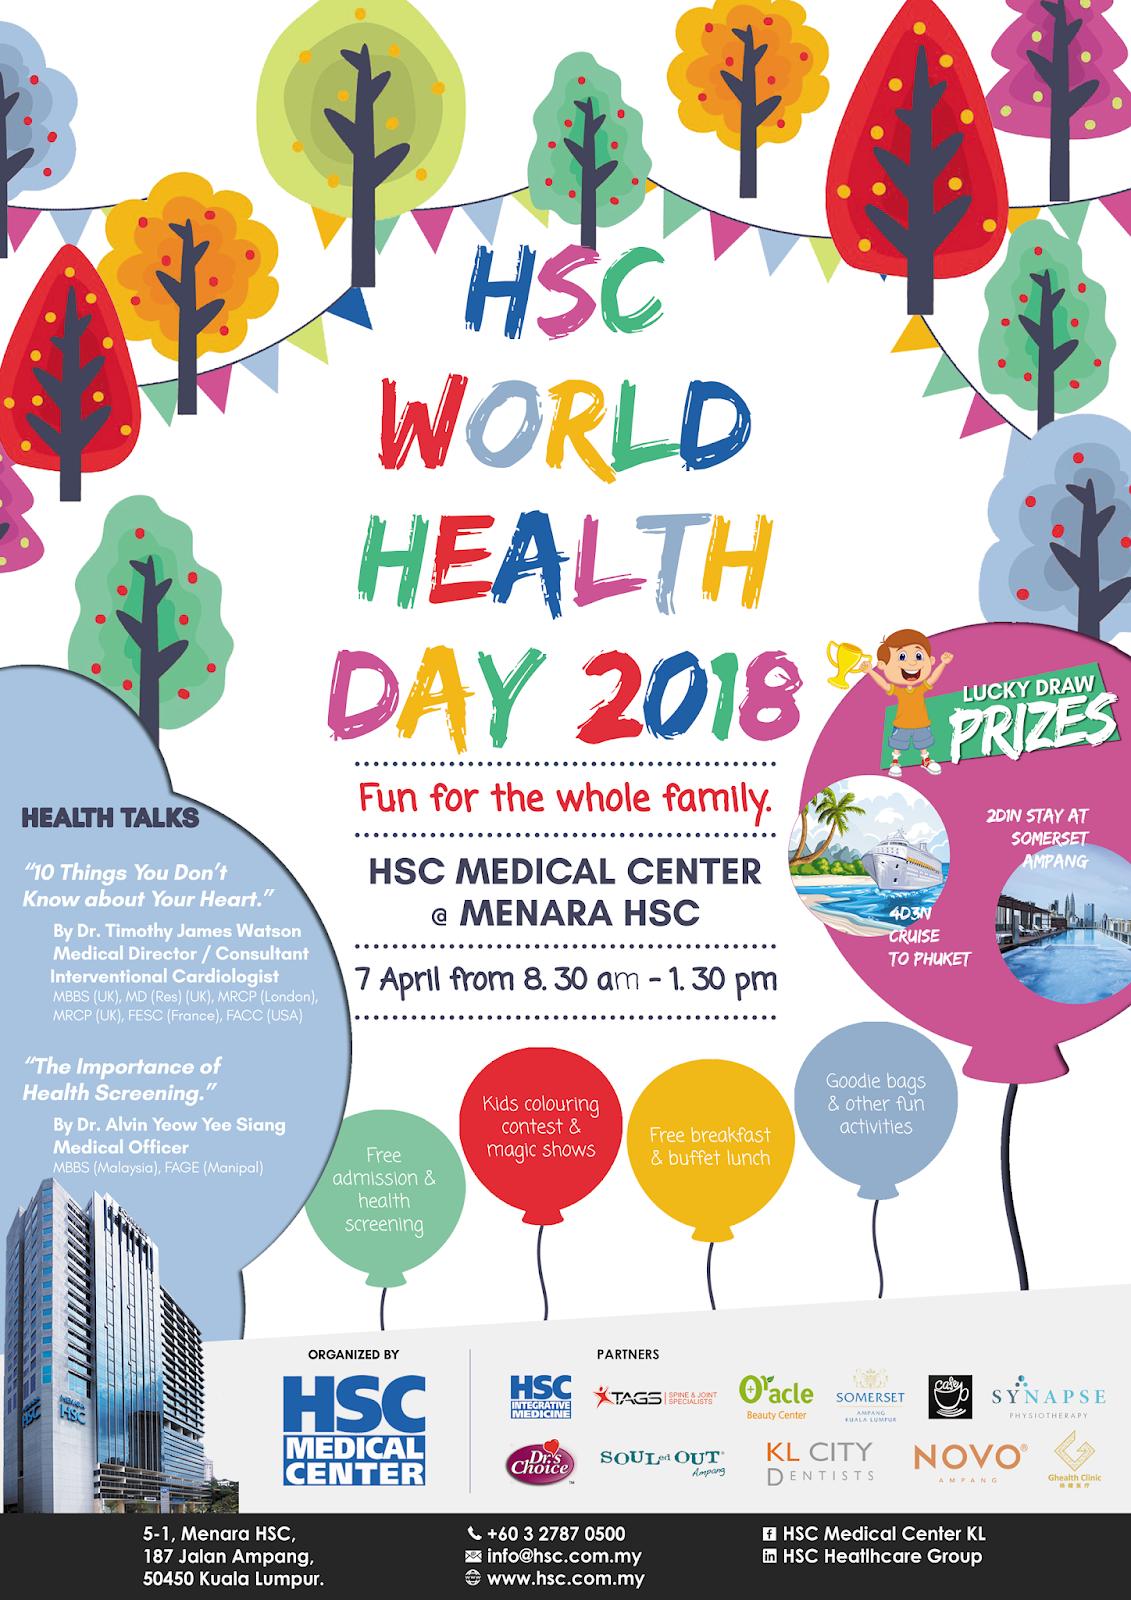 Hsc World Health Day Menara Hsc Kuala Lumpur